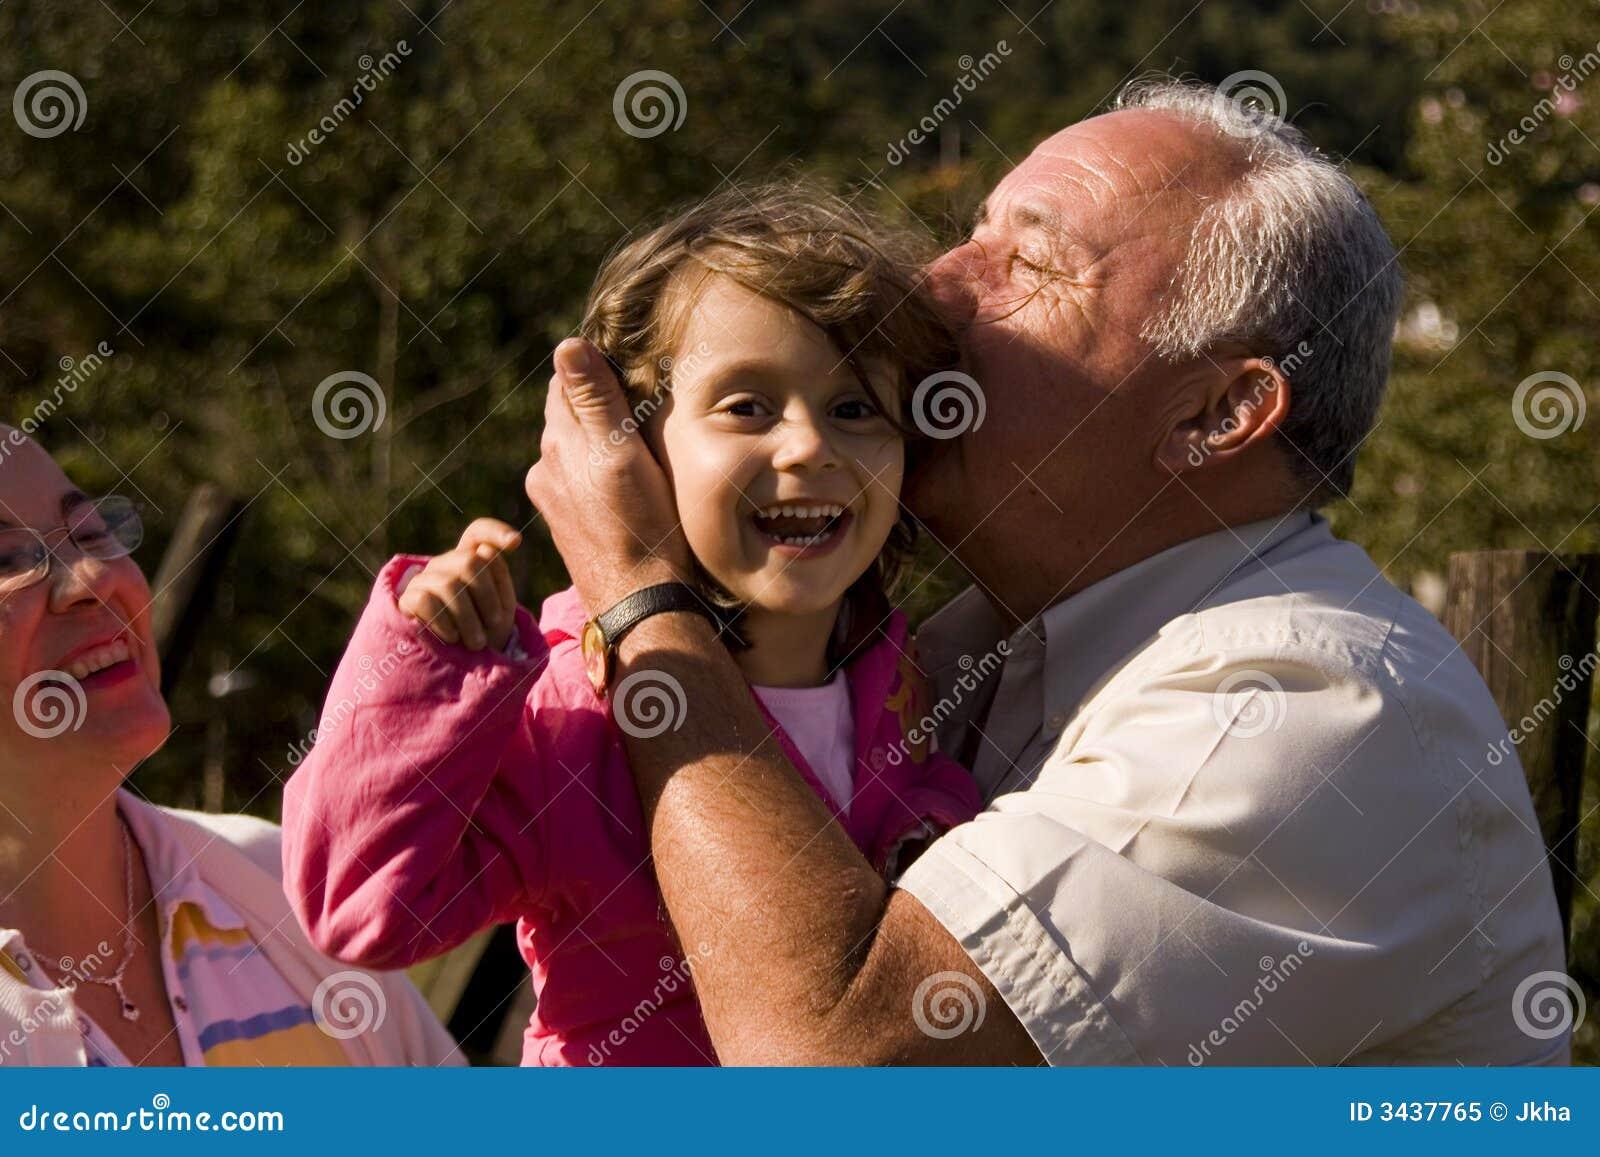 Смотреть внучка и дед 2 фотография